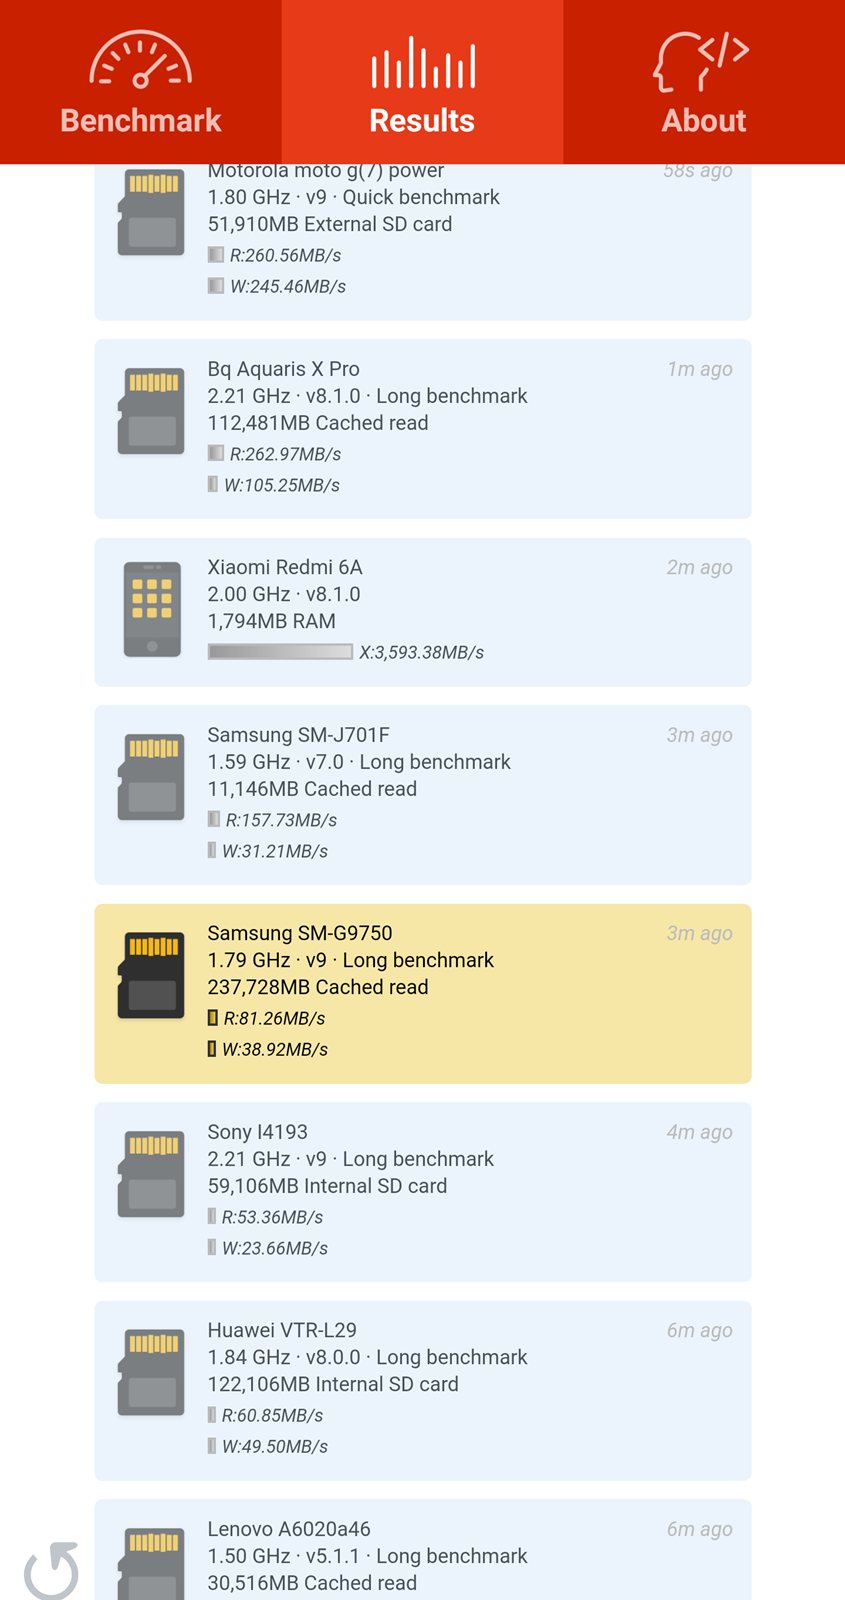 千元有找 256GB 高速記憶卡,速度實測 Patriot 美商博帝 EP MicroSDXC UHS-1 U3 V30 A1 256G 記憶卡 @3C 達人廖阿輝